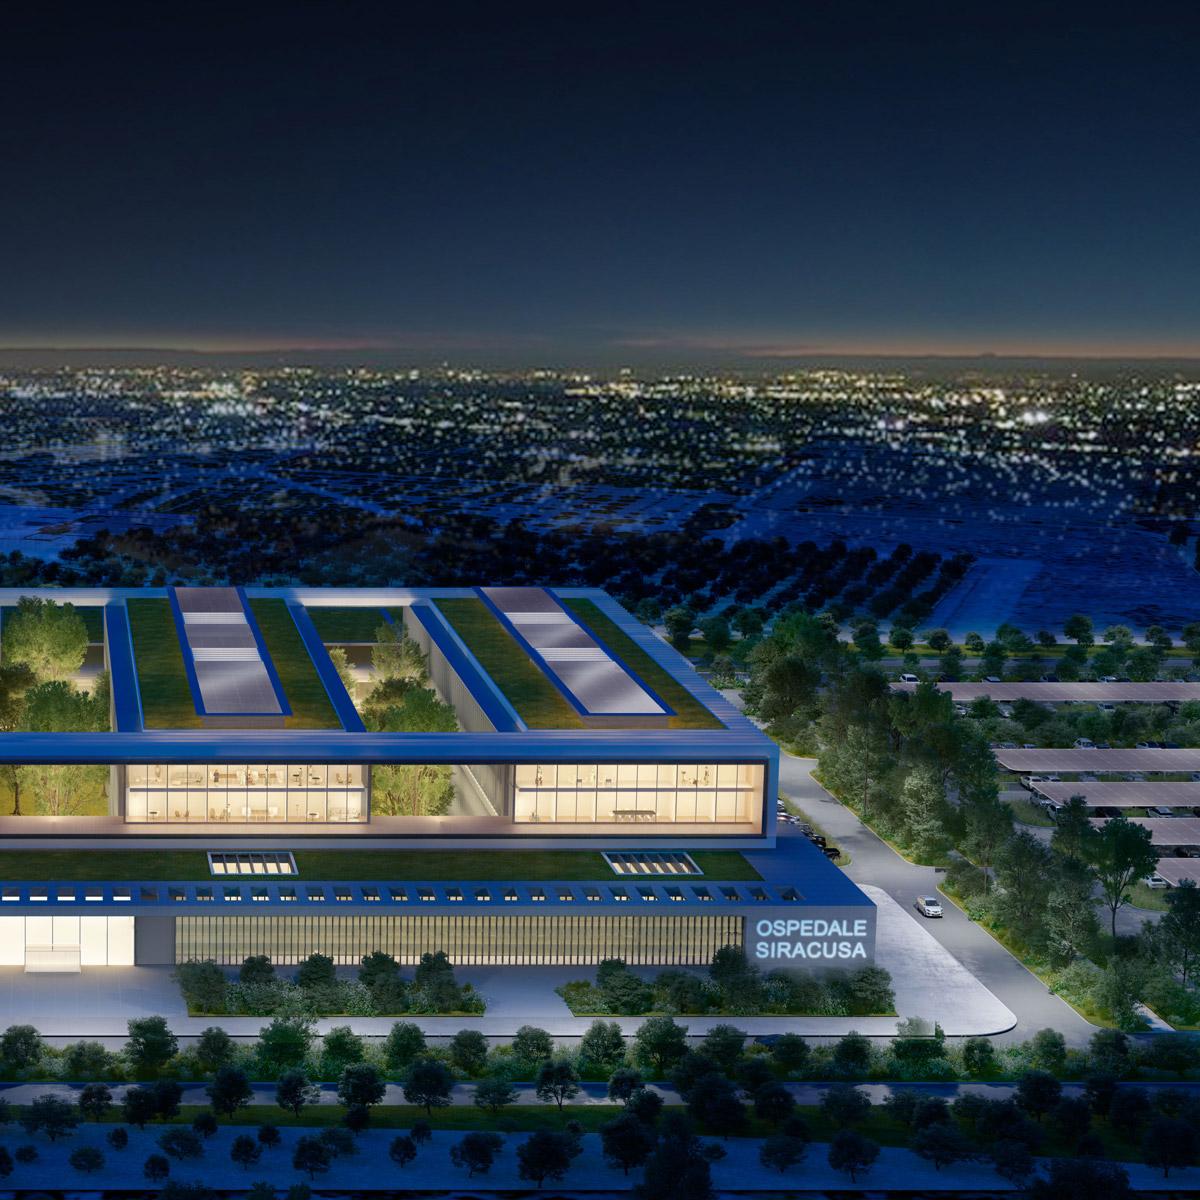 Progetto vincitore concorso di idee per l'acquisizione di una proposta ideativa per la costruzione del Nuovo Ospedale di Siracusa (Italia)